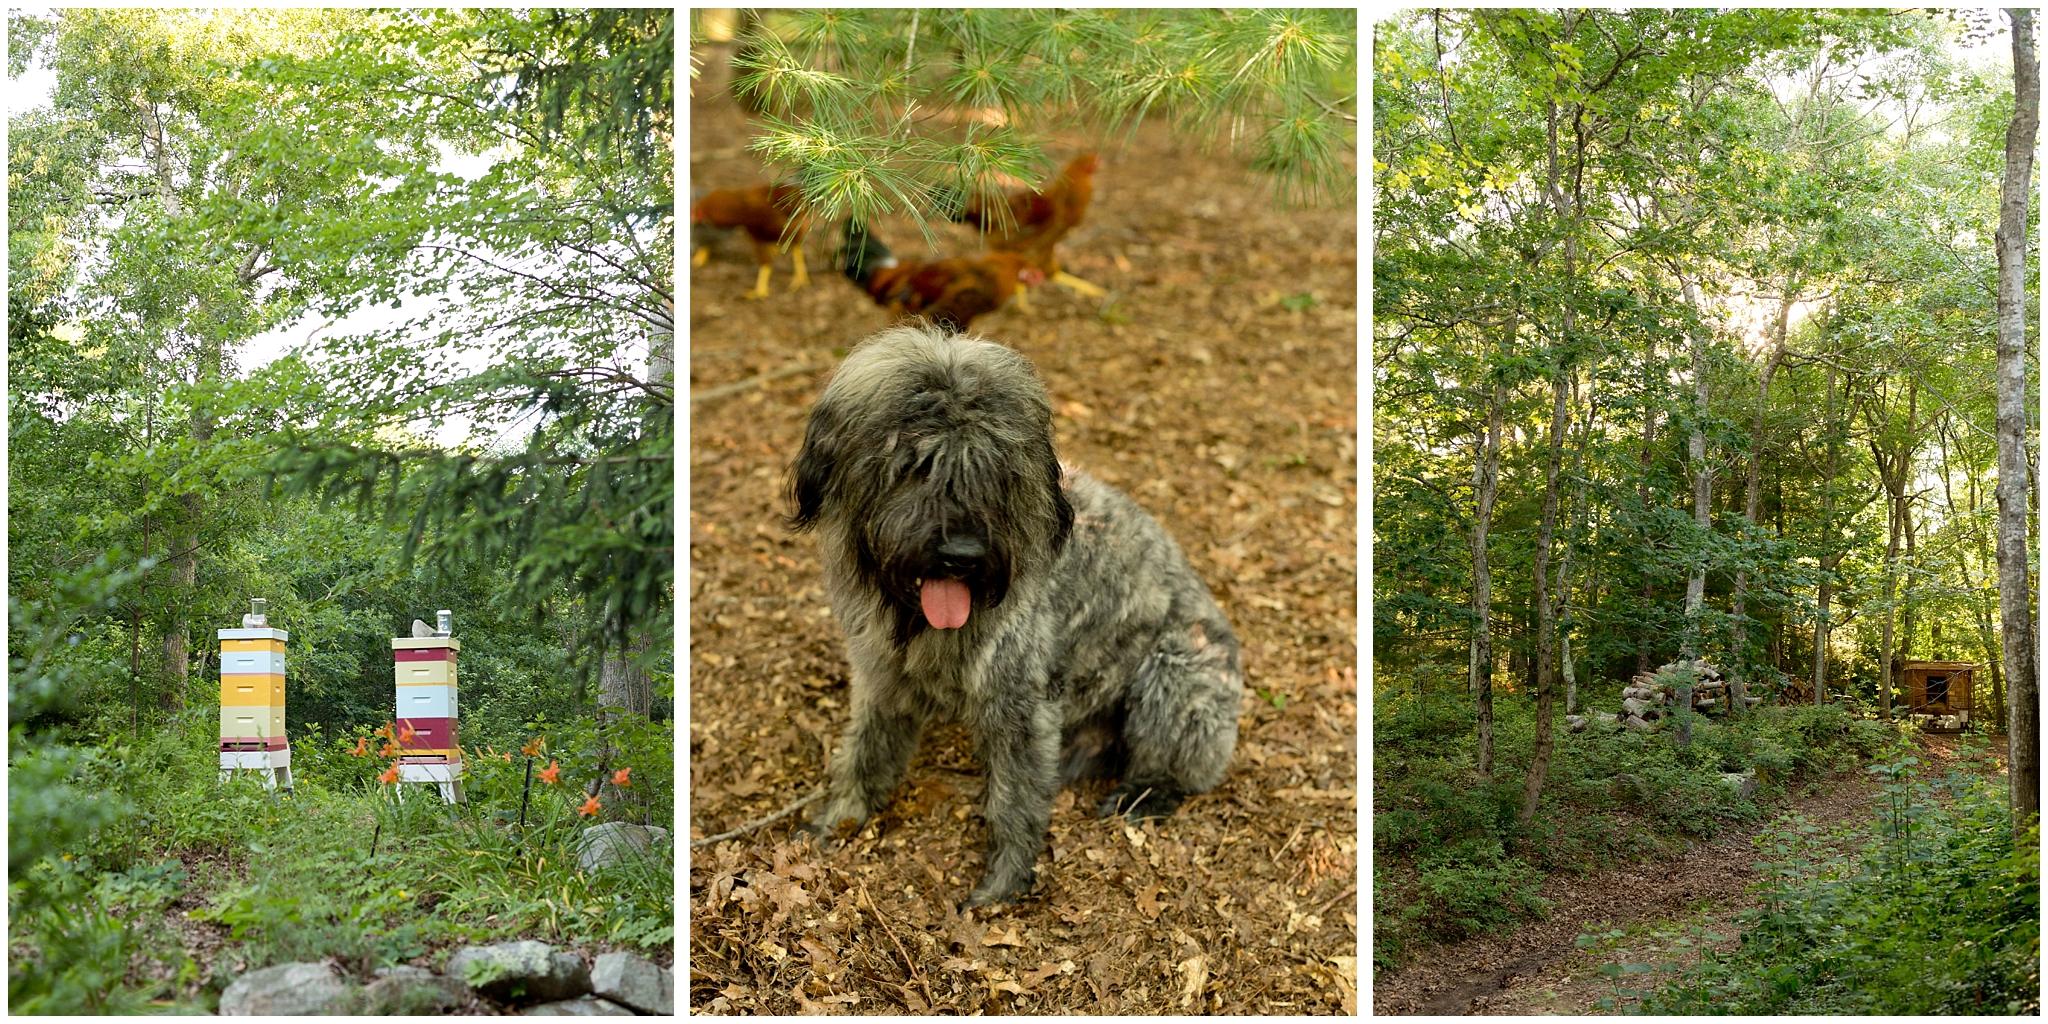 beekeeping, dog, chicken coop in woods